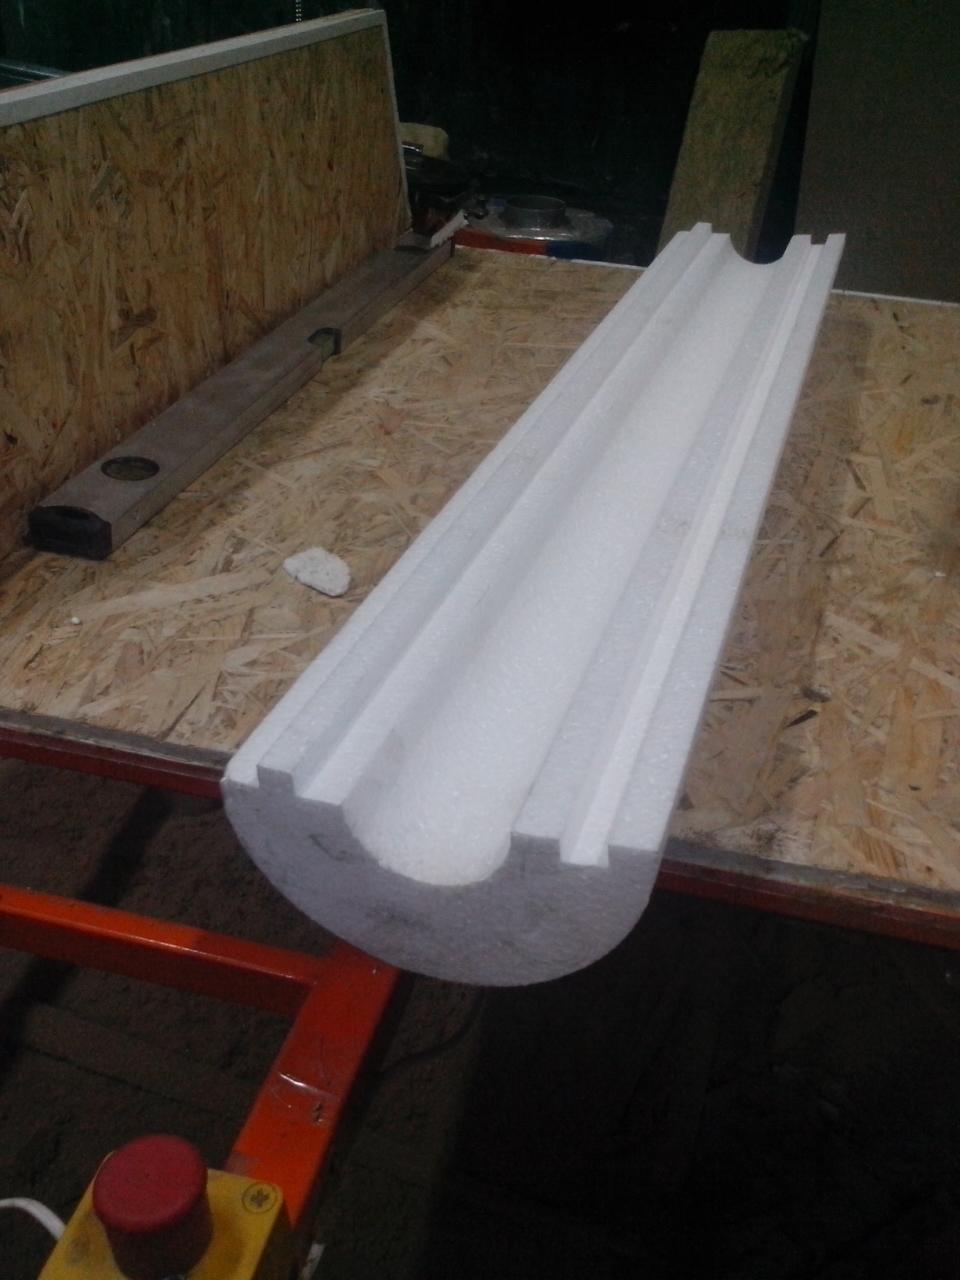 Утеплитель из пенопласта (пенополистирола) для труб Ø 32 мм толщиной 60 мм